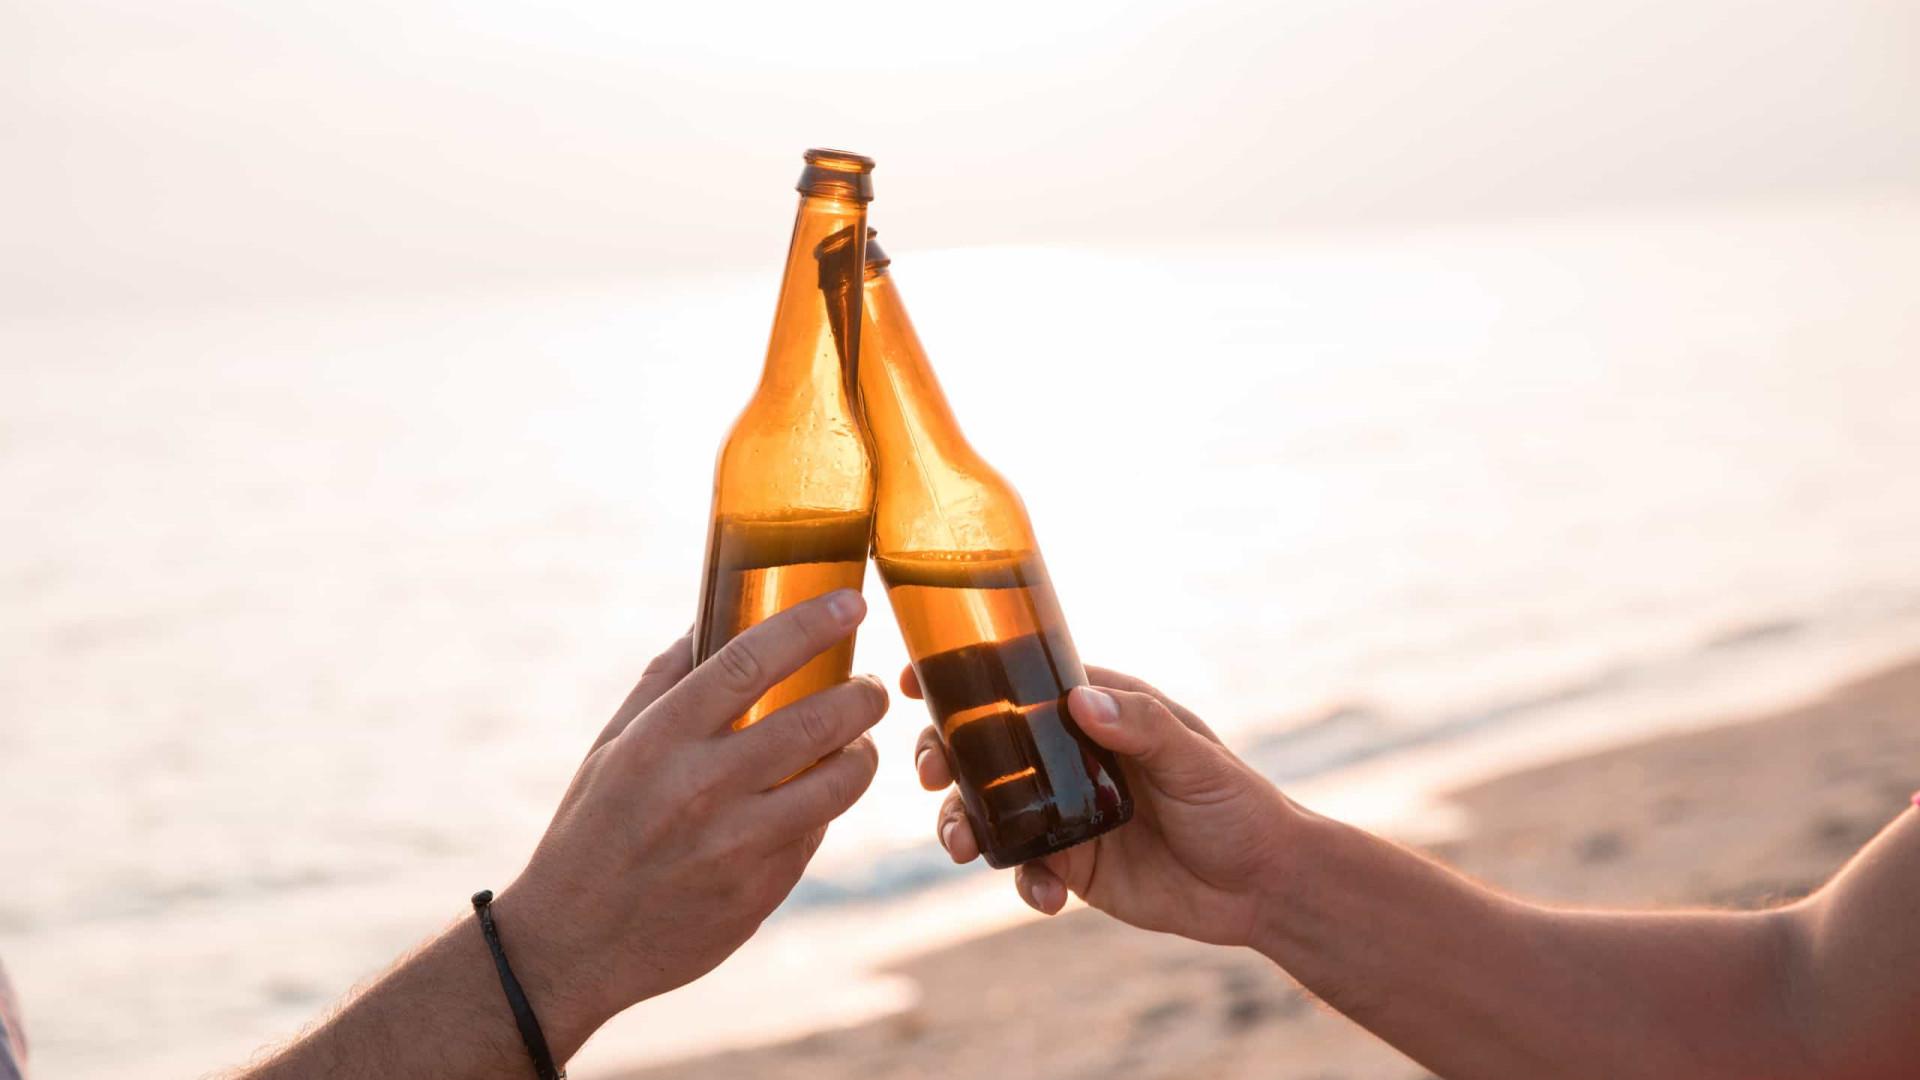 Não é só a barriga! Três efeitos secundários de beber muita cerveja